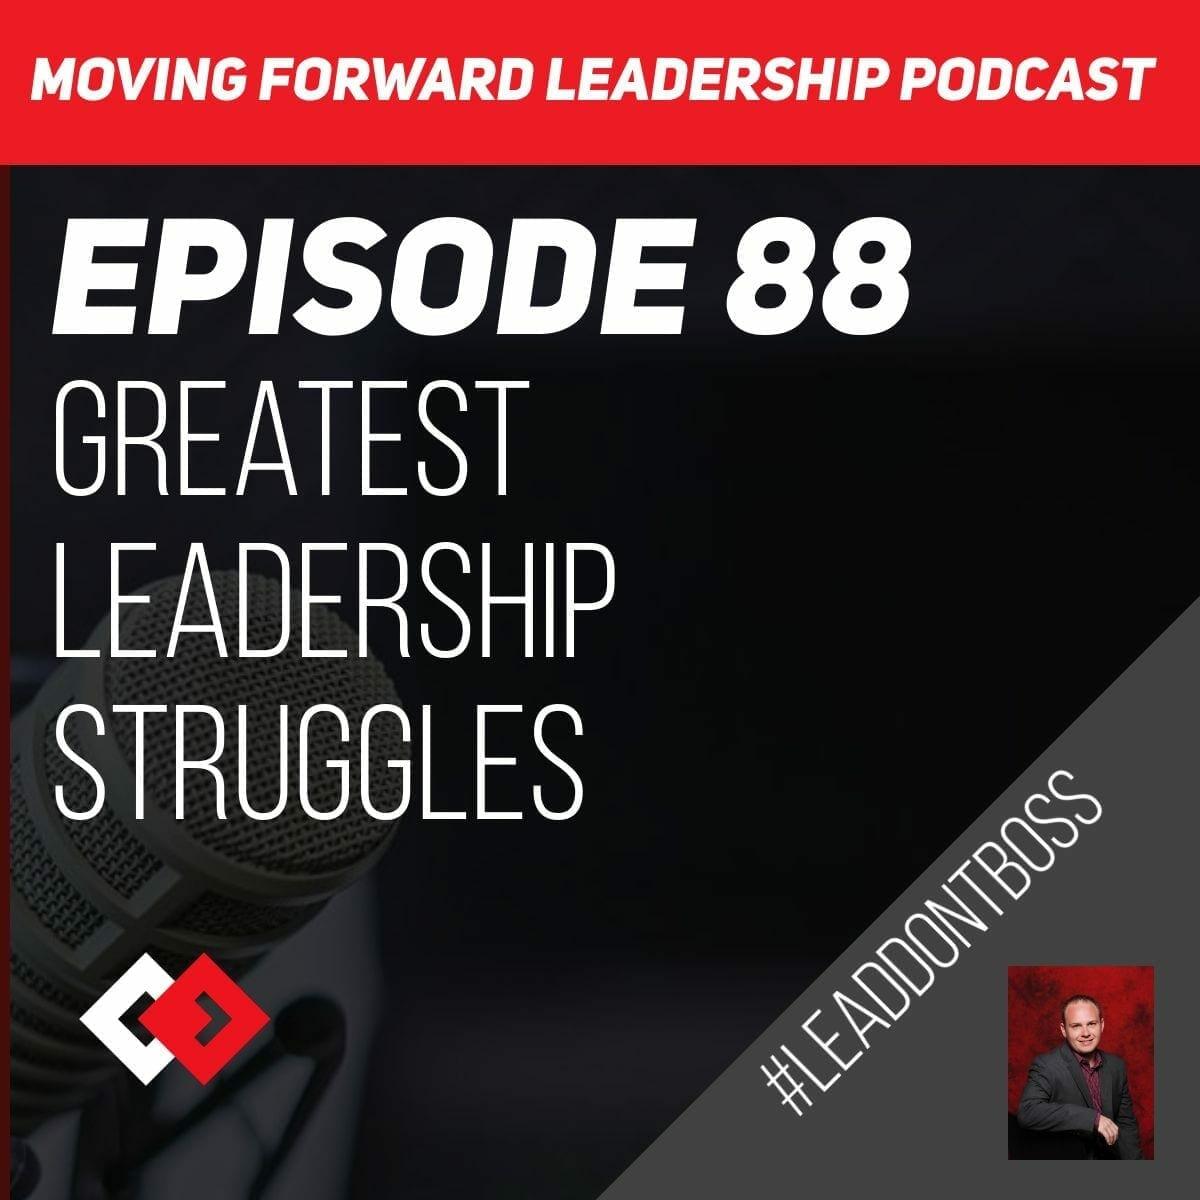 Greatest Leadership Struggles | Episode 88